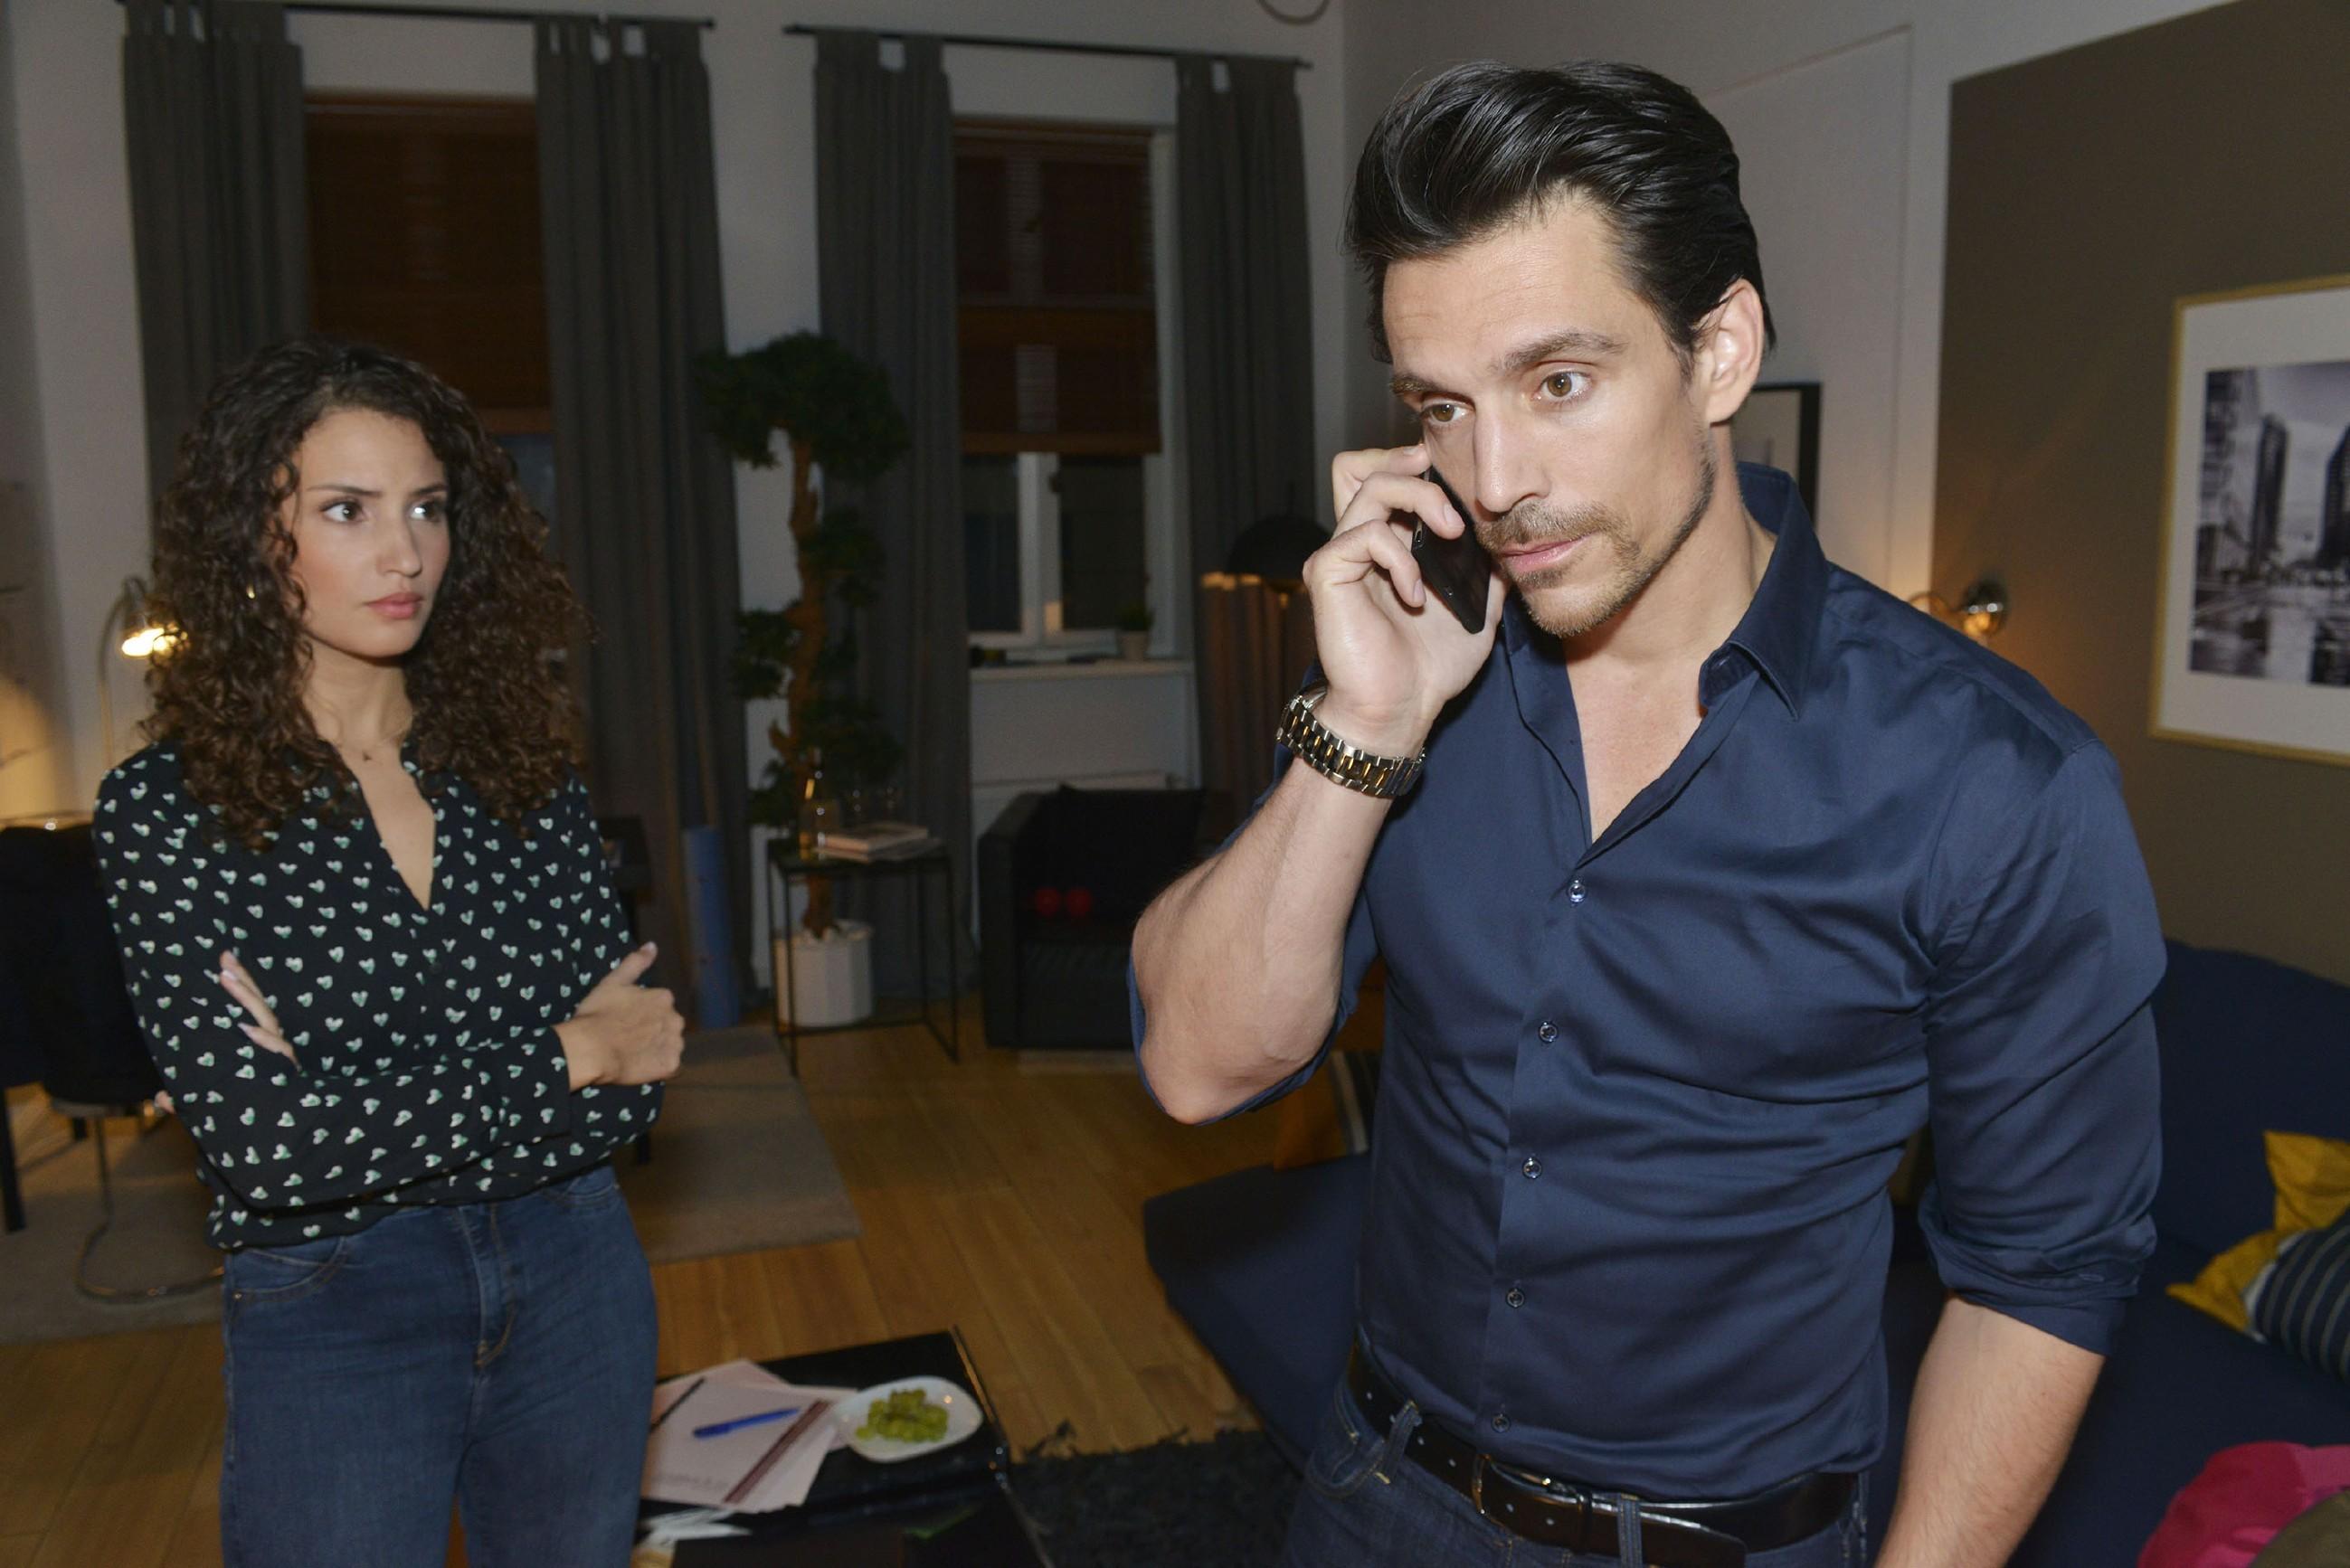 Ayla (Nadine Menz), bemüht sich, sich mit Davids (Philipp Christopher) illegalen Insidergeschäften zu arrangieren, aber die Sorge, dass er damit auffliegen und ins Gefängnis wandern könnte, setzt ihr zu.